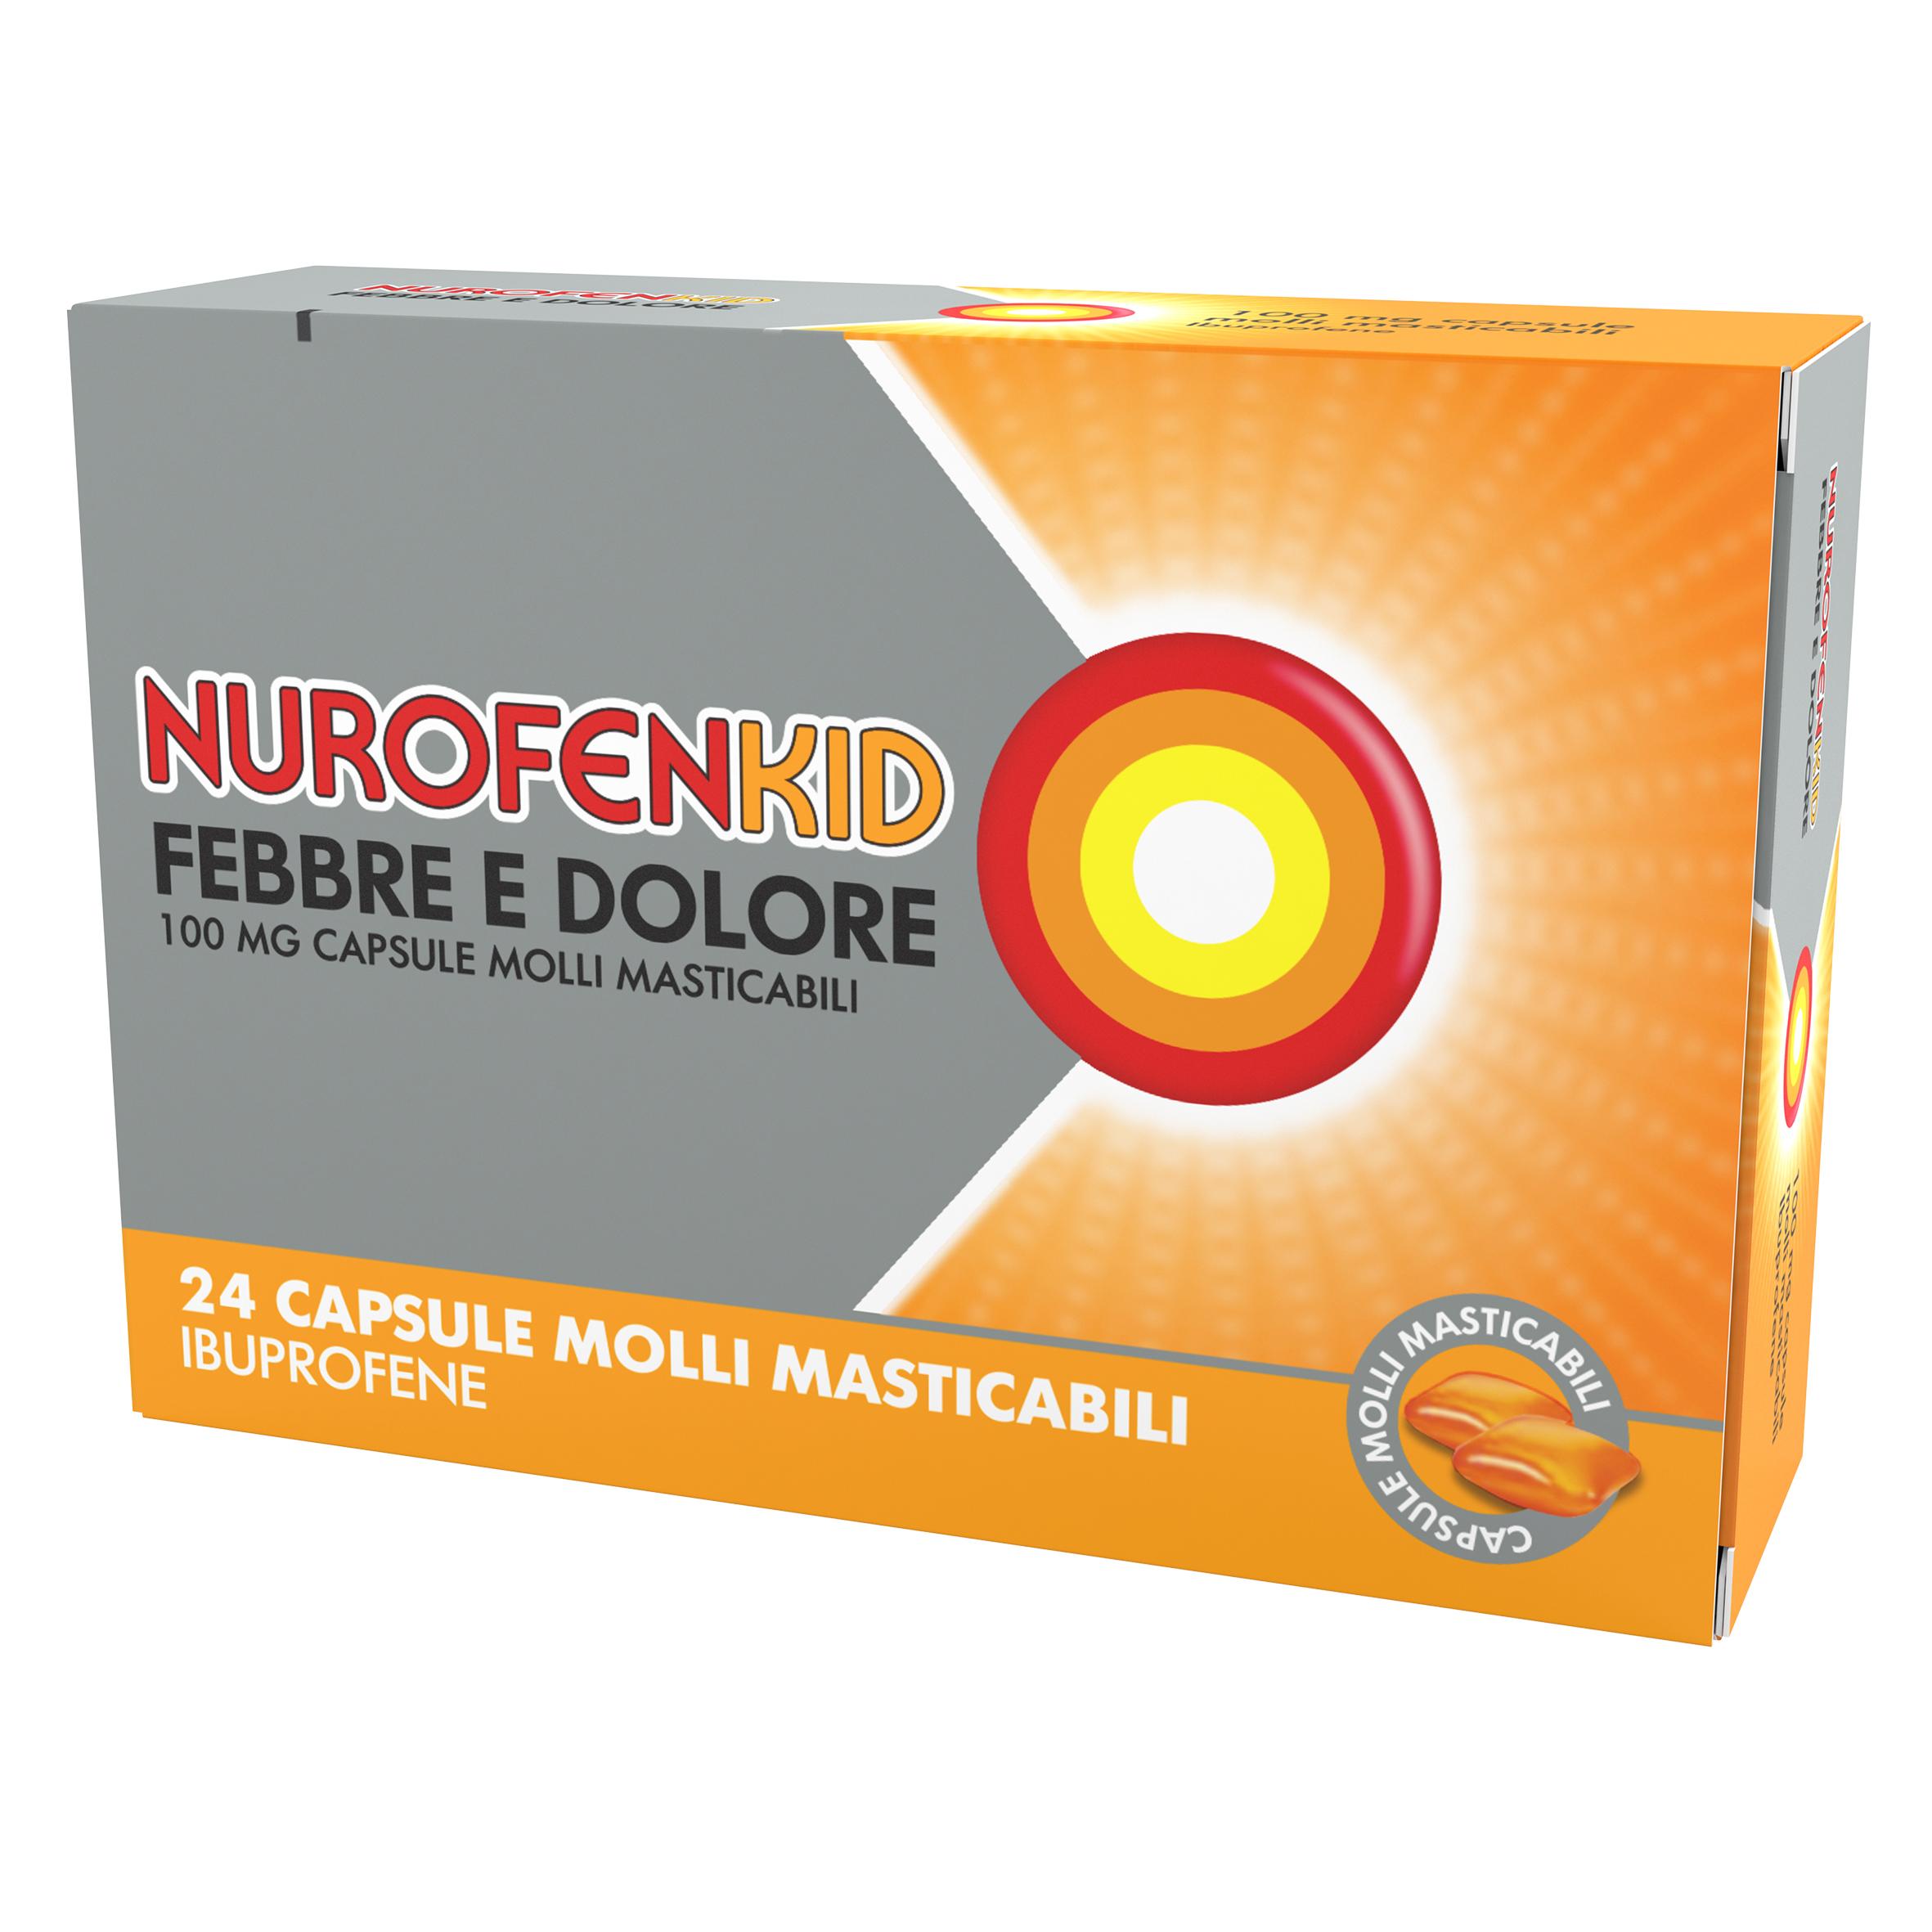 Nurofenkid Febbre e Dolore 24 Capsule Molli Masticabili 100 Mg